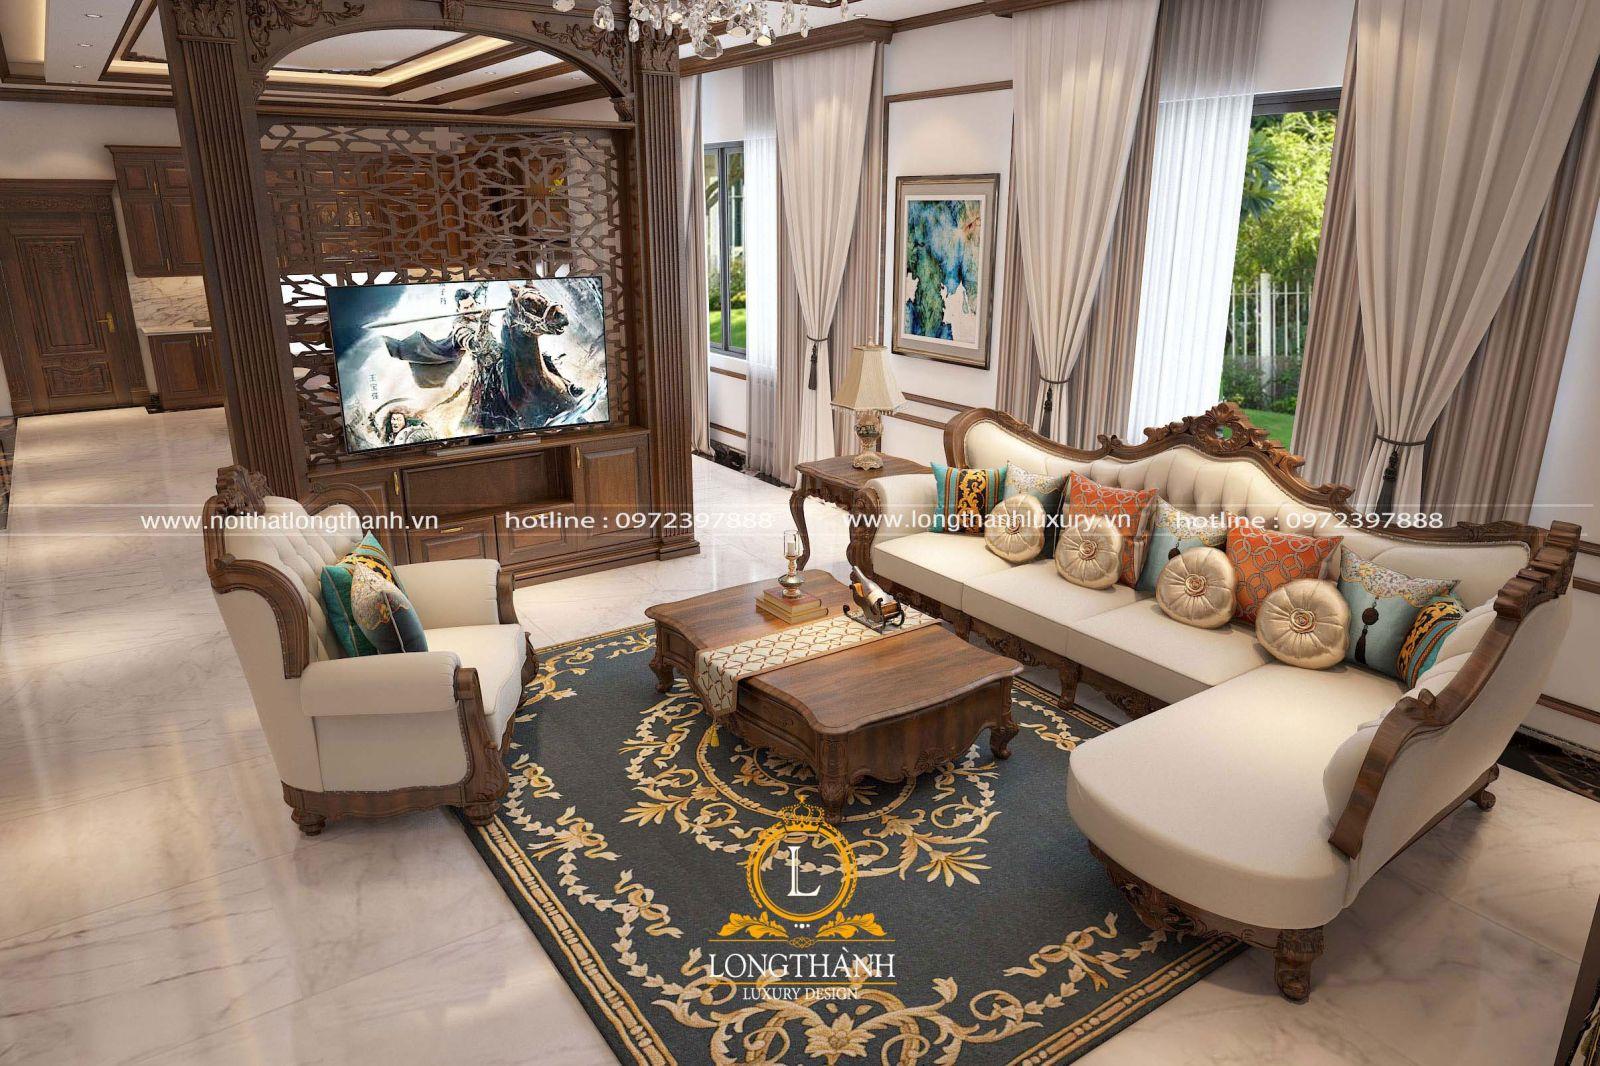 Nội thất phòng khách sang trọng với chiếc thảm trải sàn sử dụng tông màu xanh làm chủ đạo